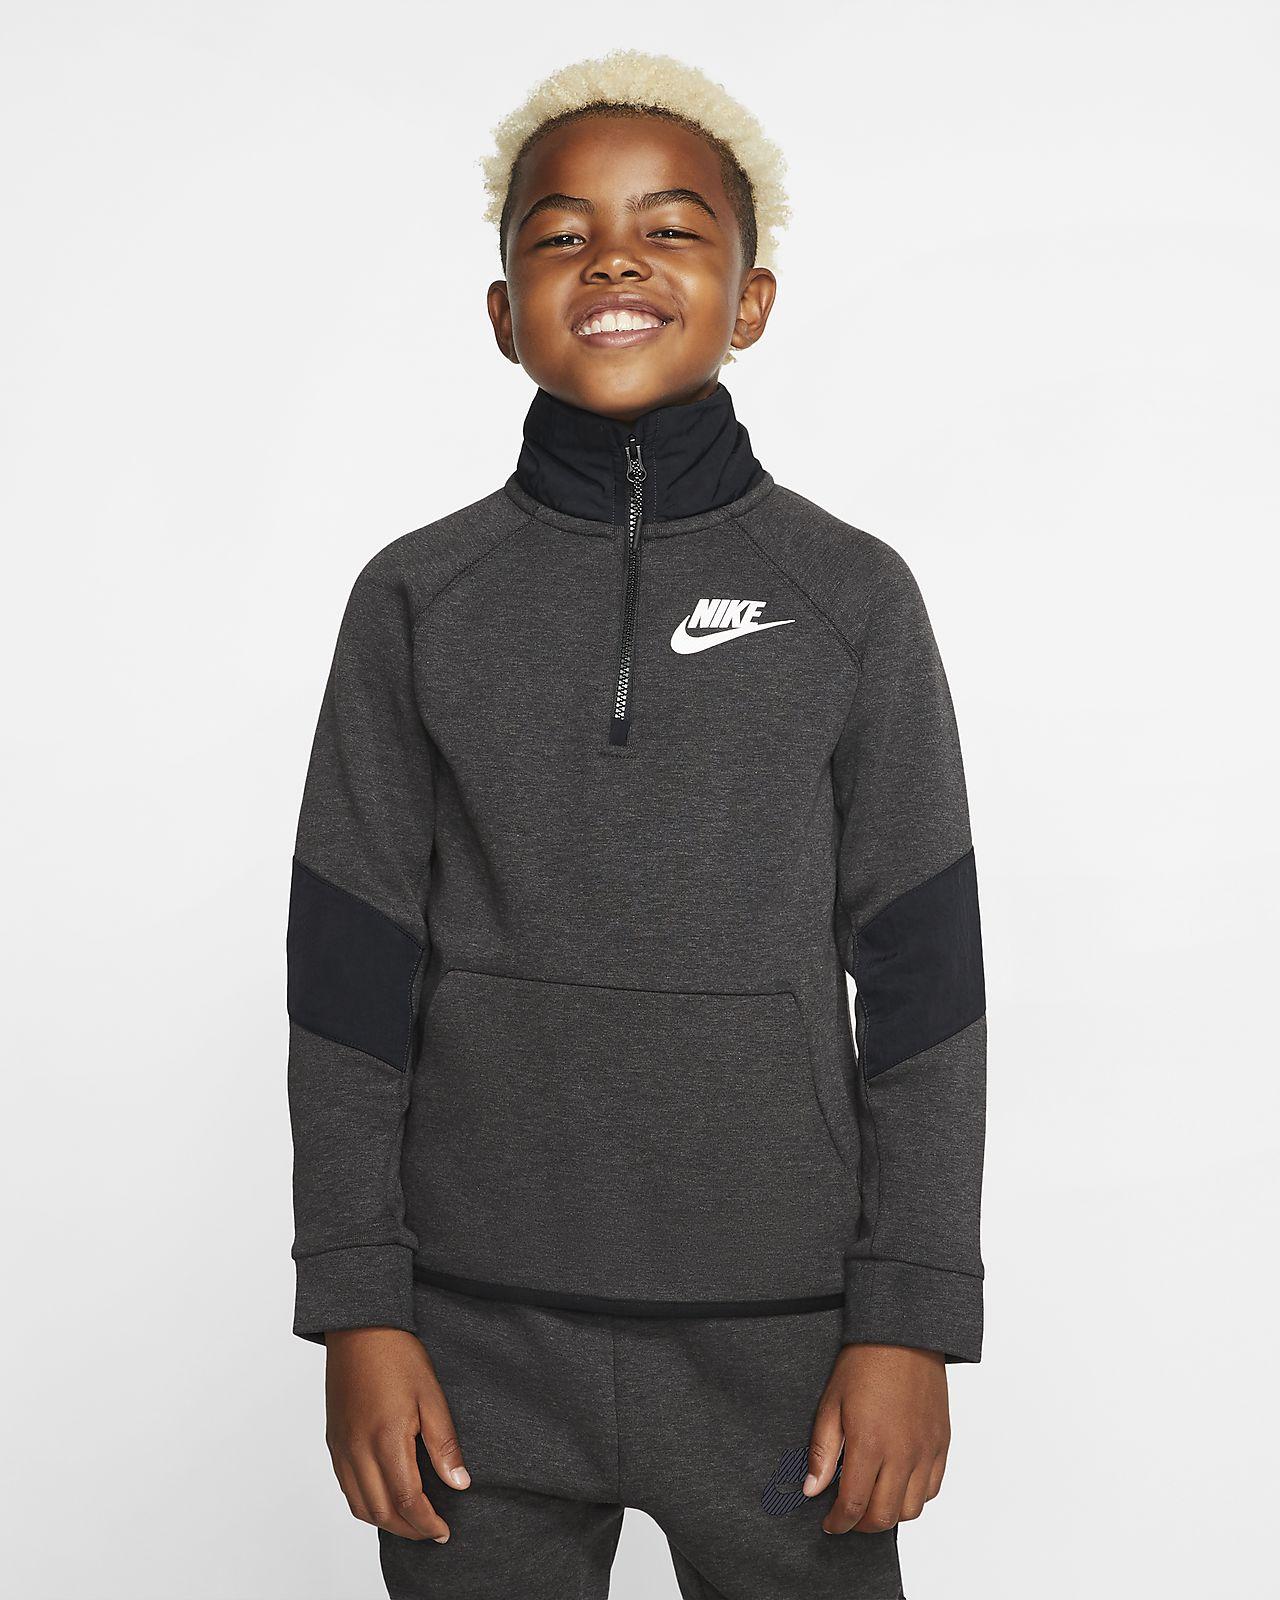 Nike Sportswear Winterized Tech Fleece Top met lange mouwen voor kids